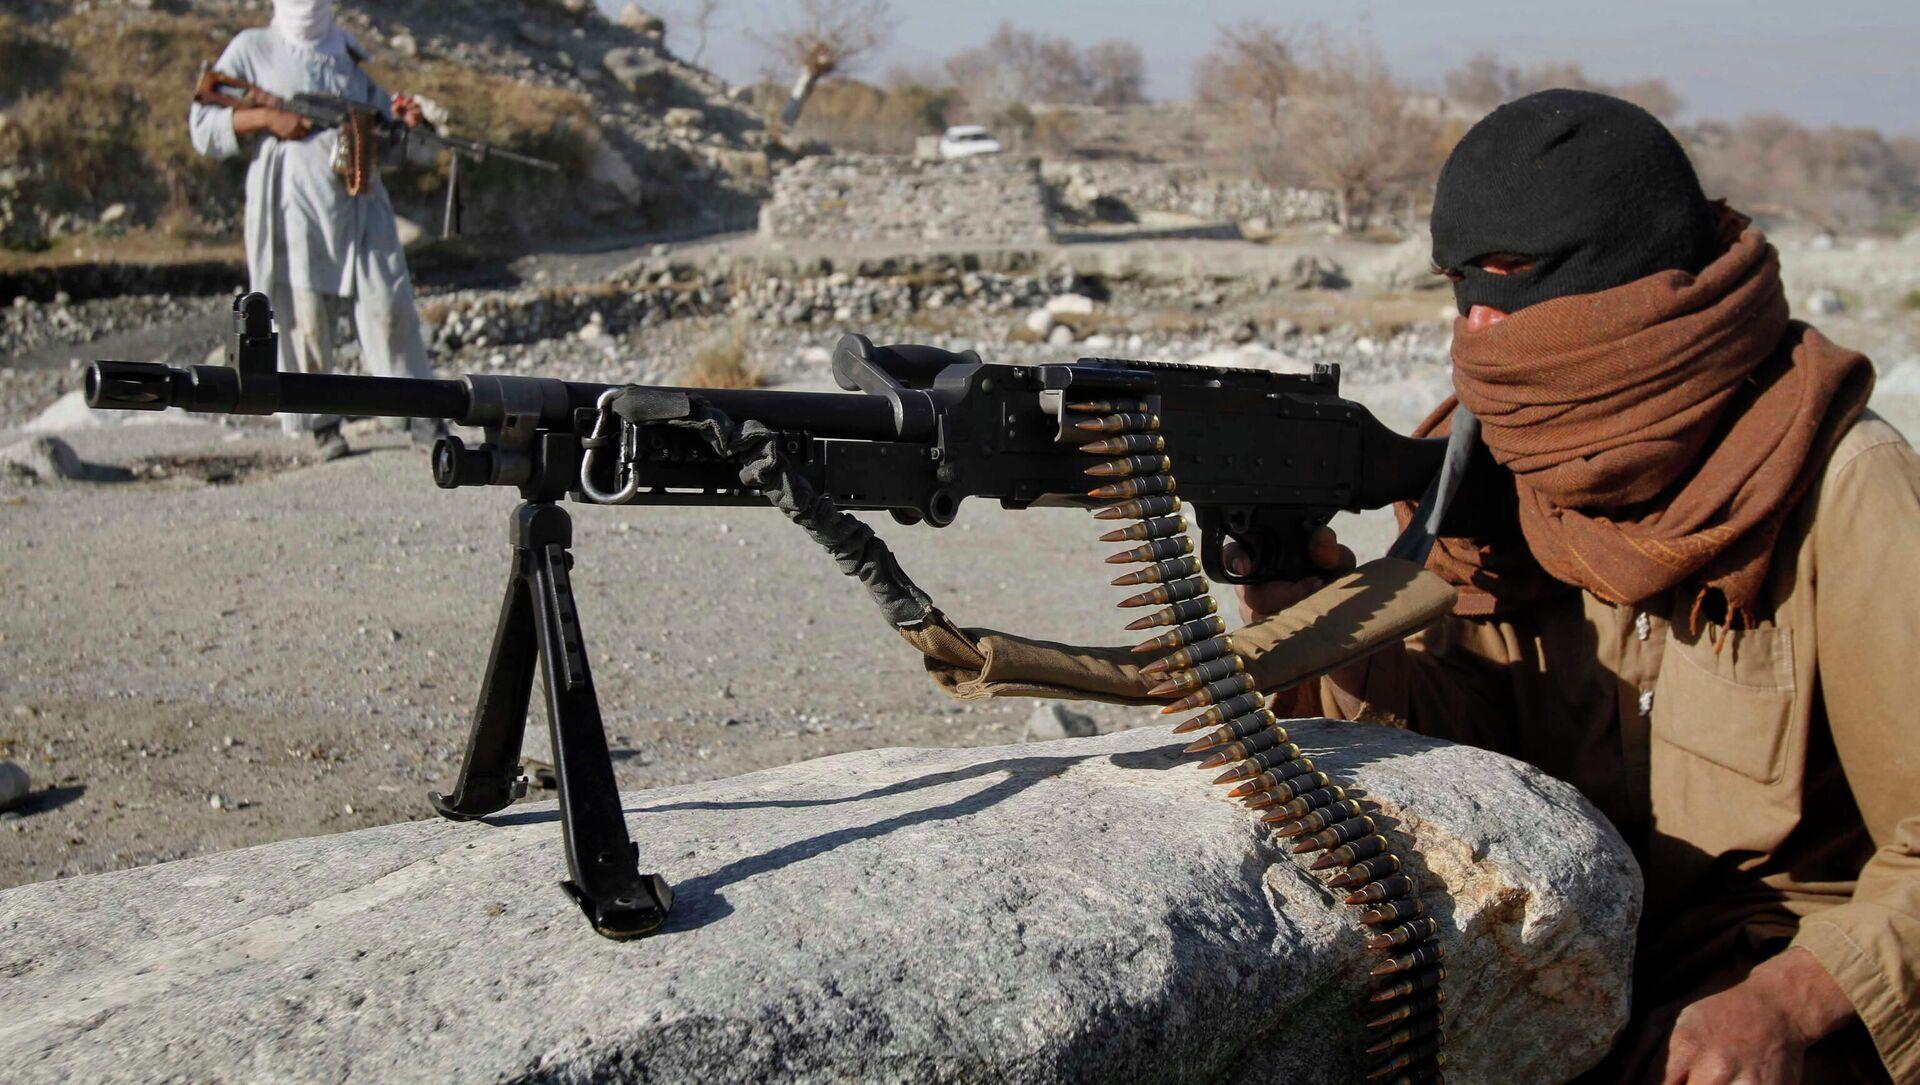 Dân quân phong trào cực đoan Taliban ở Afghanistan. - Sputnik Việt Nam, 1920, 14.04.2021